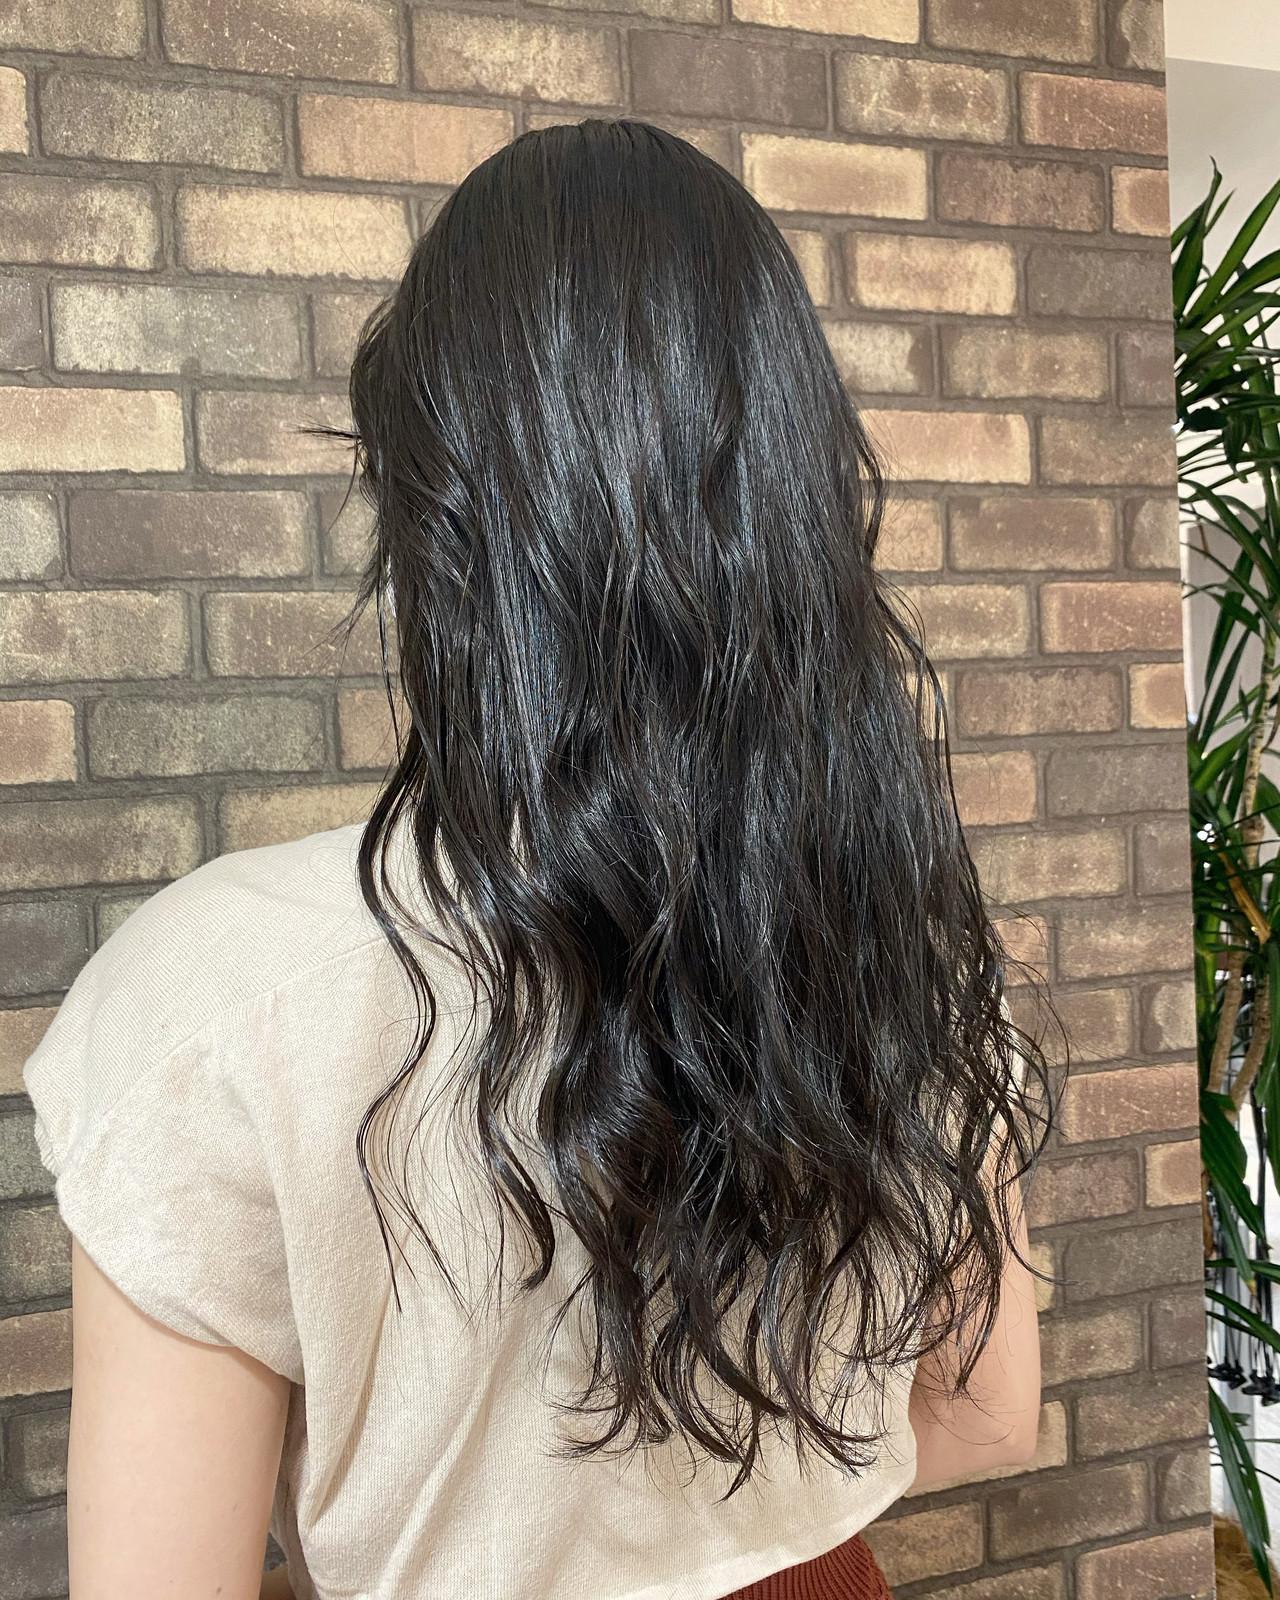 艶髪 ブルーアッシュ 透明感 イルミナカラー ヘアスタイルや髪型の写真・画像